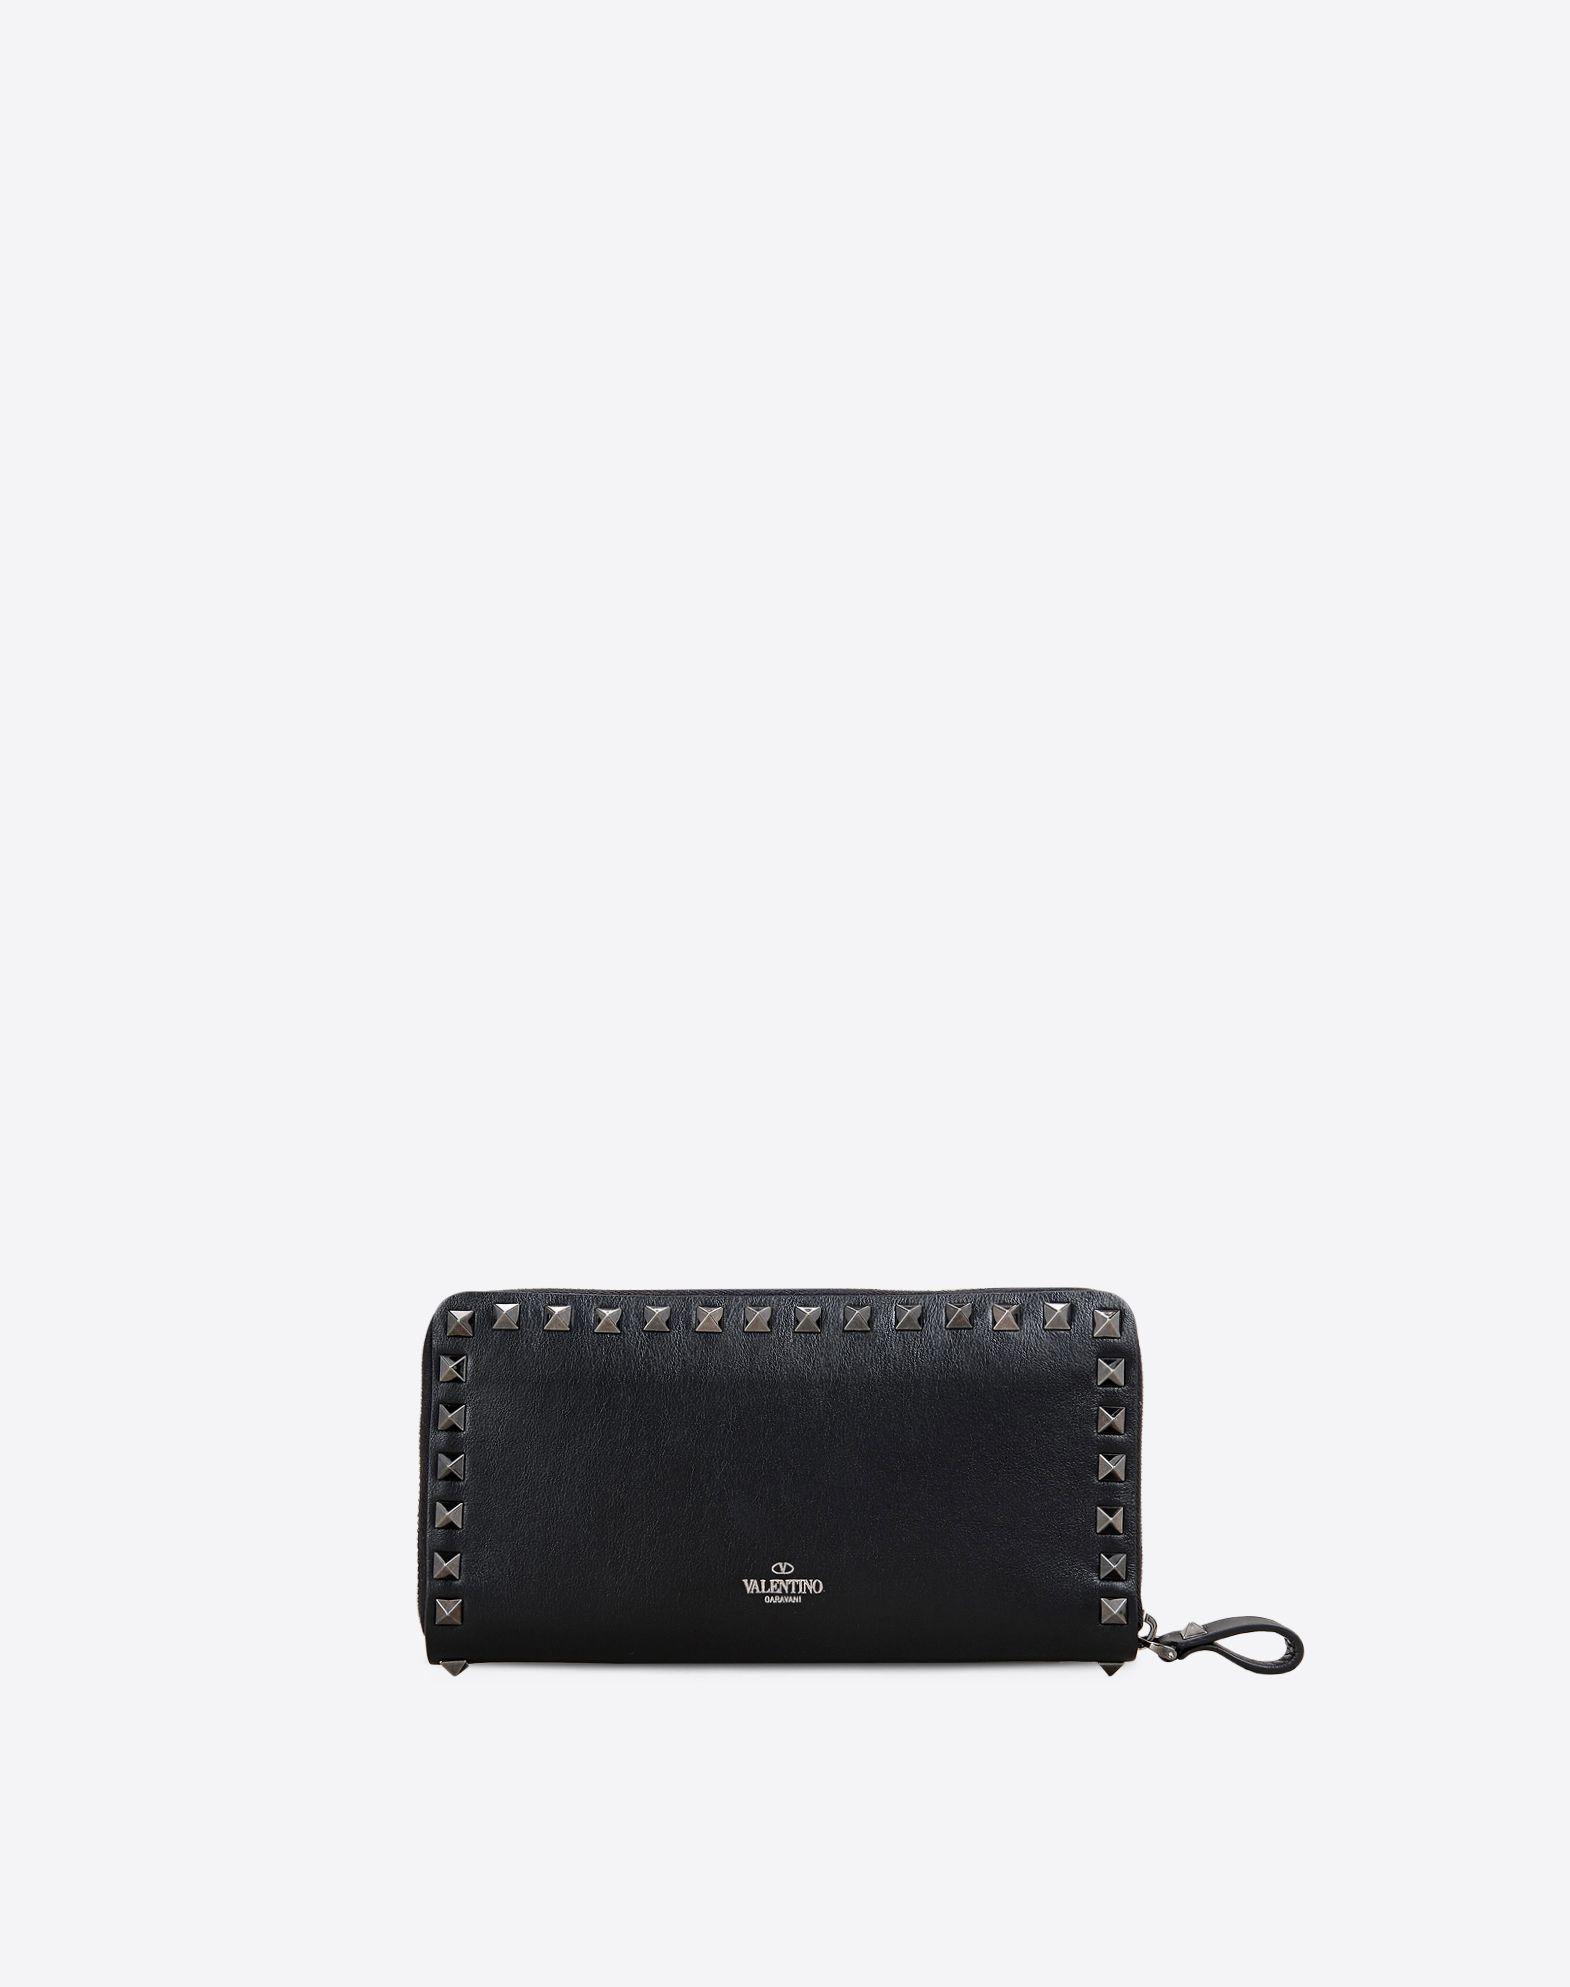 Valentino Rockstud Noir Wallet in Black | Lyst